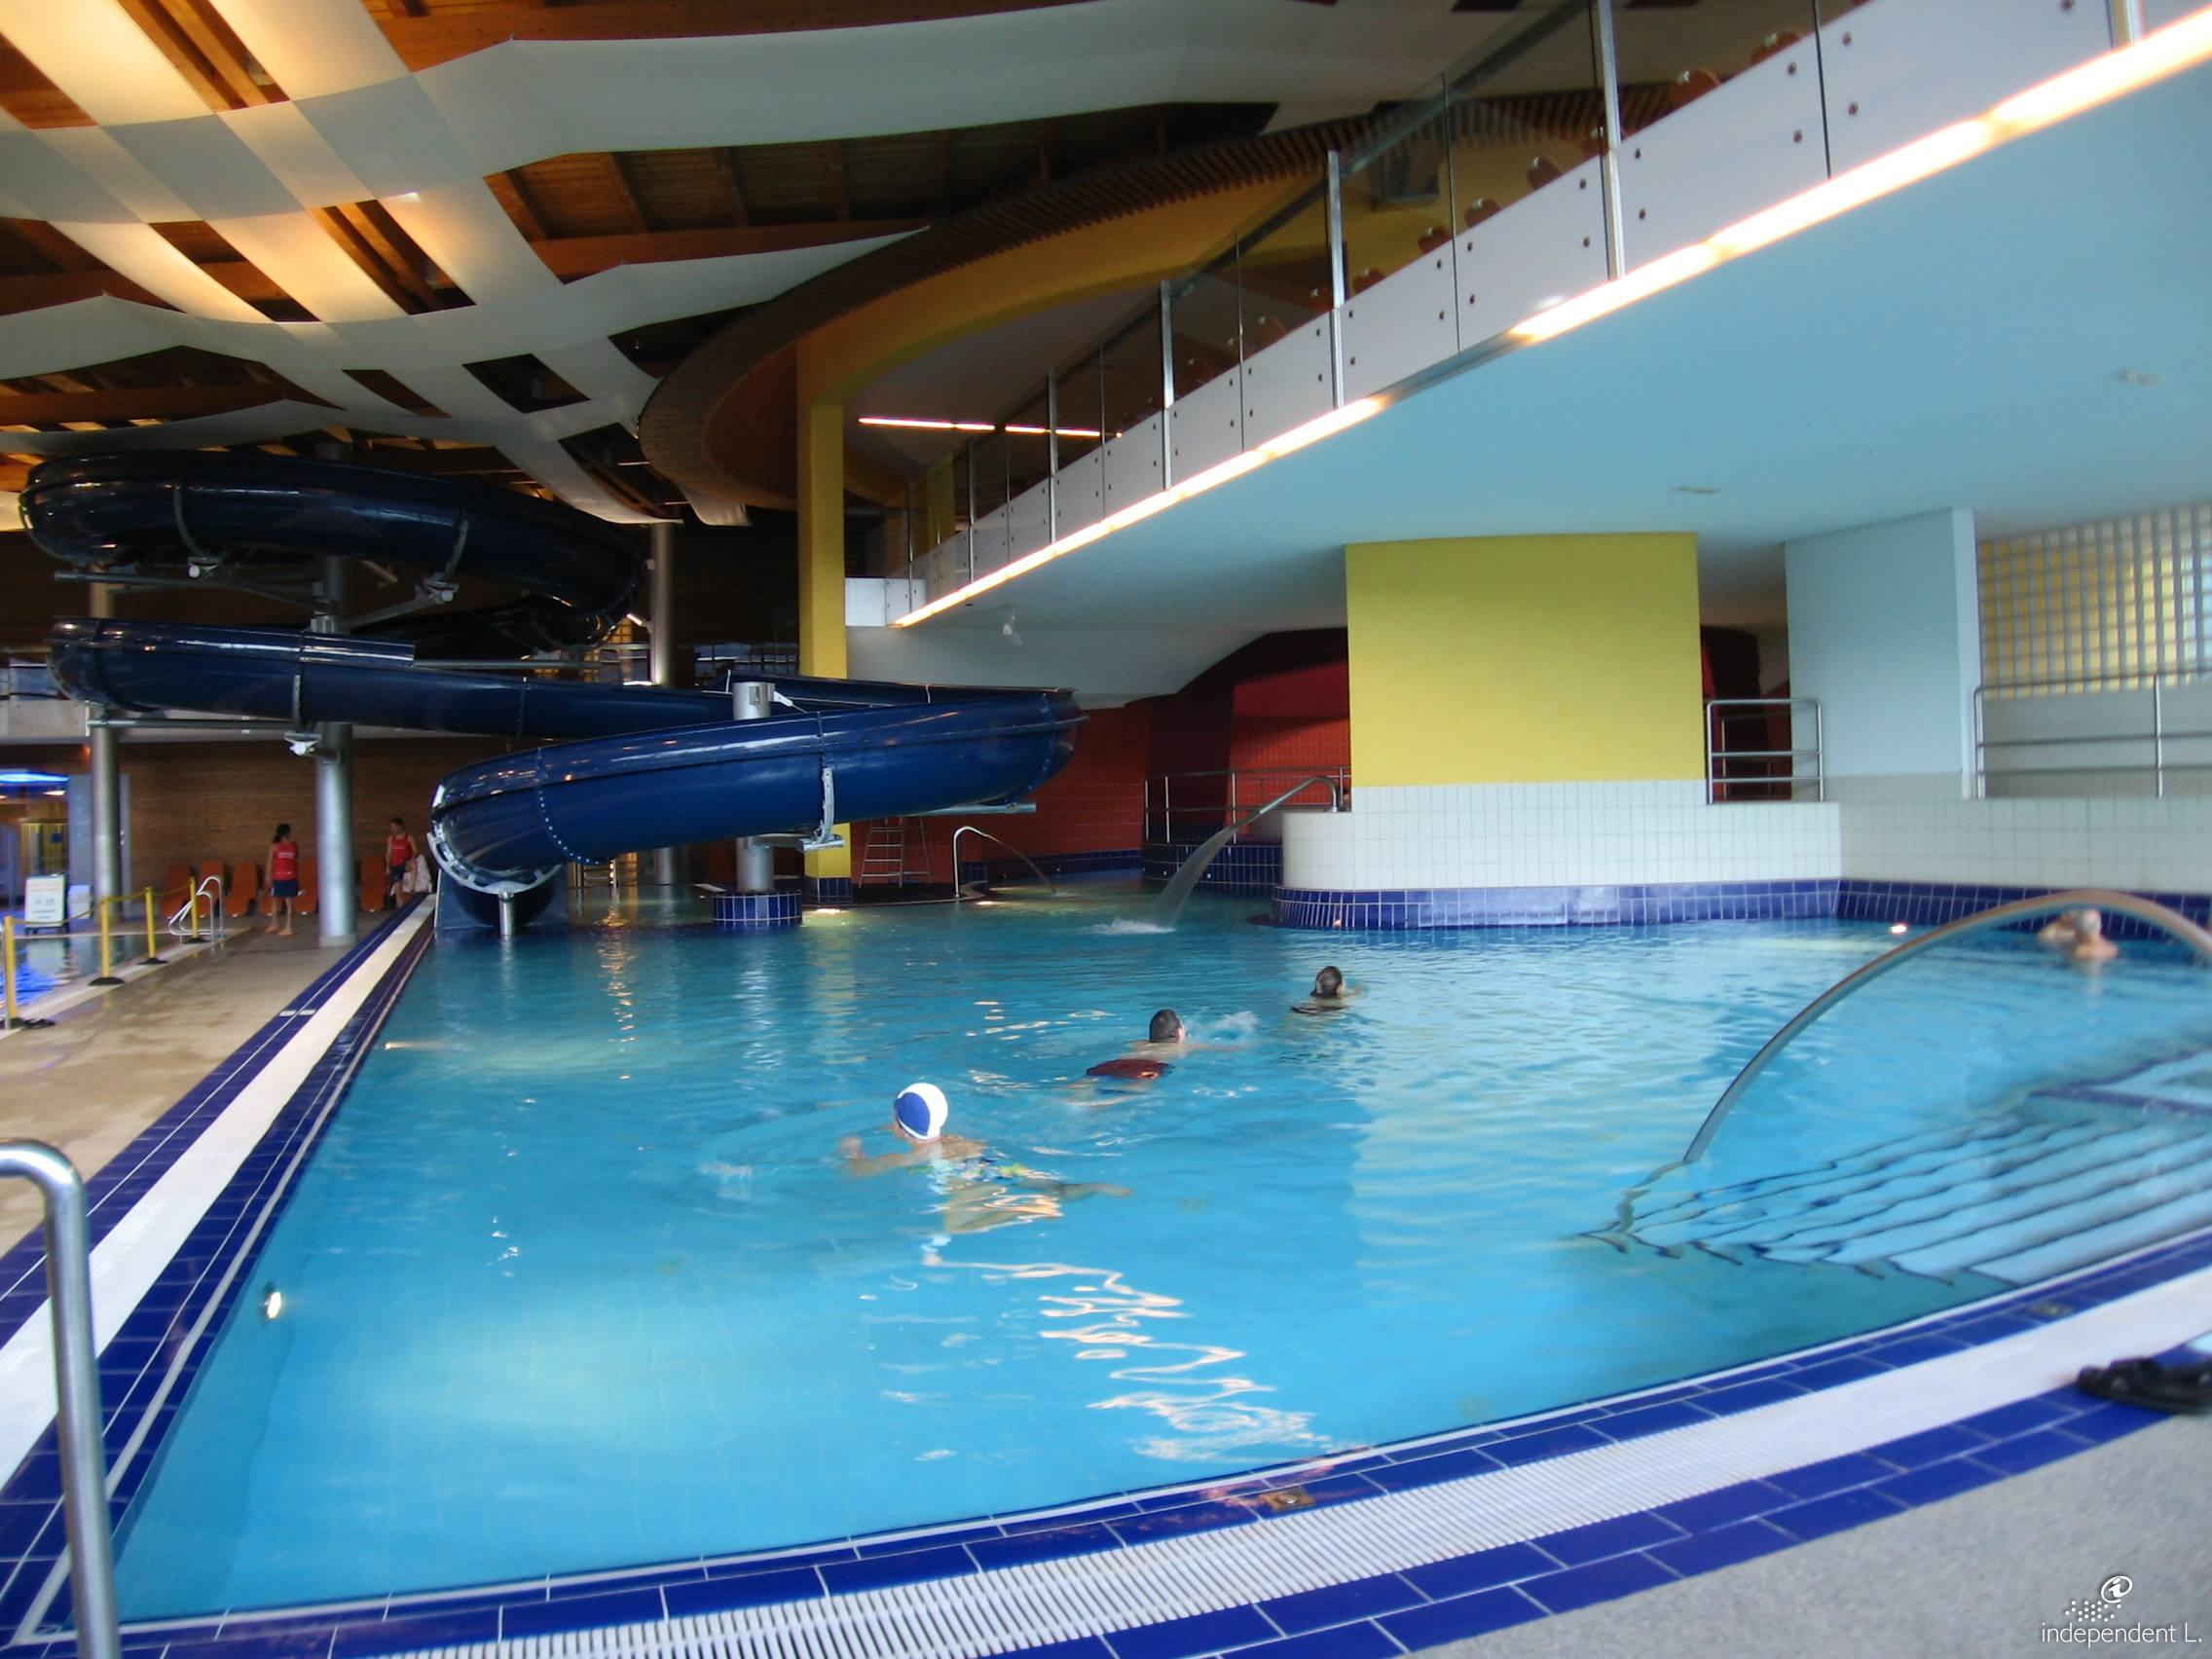 Acquarena indoor piscina sauna wellness beauty alto adige per tutti - Champoluc hotel con piscina ...